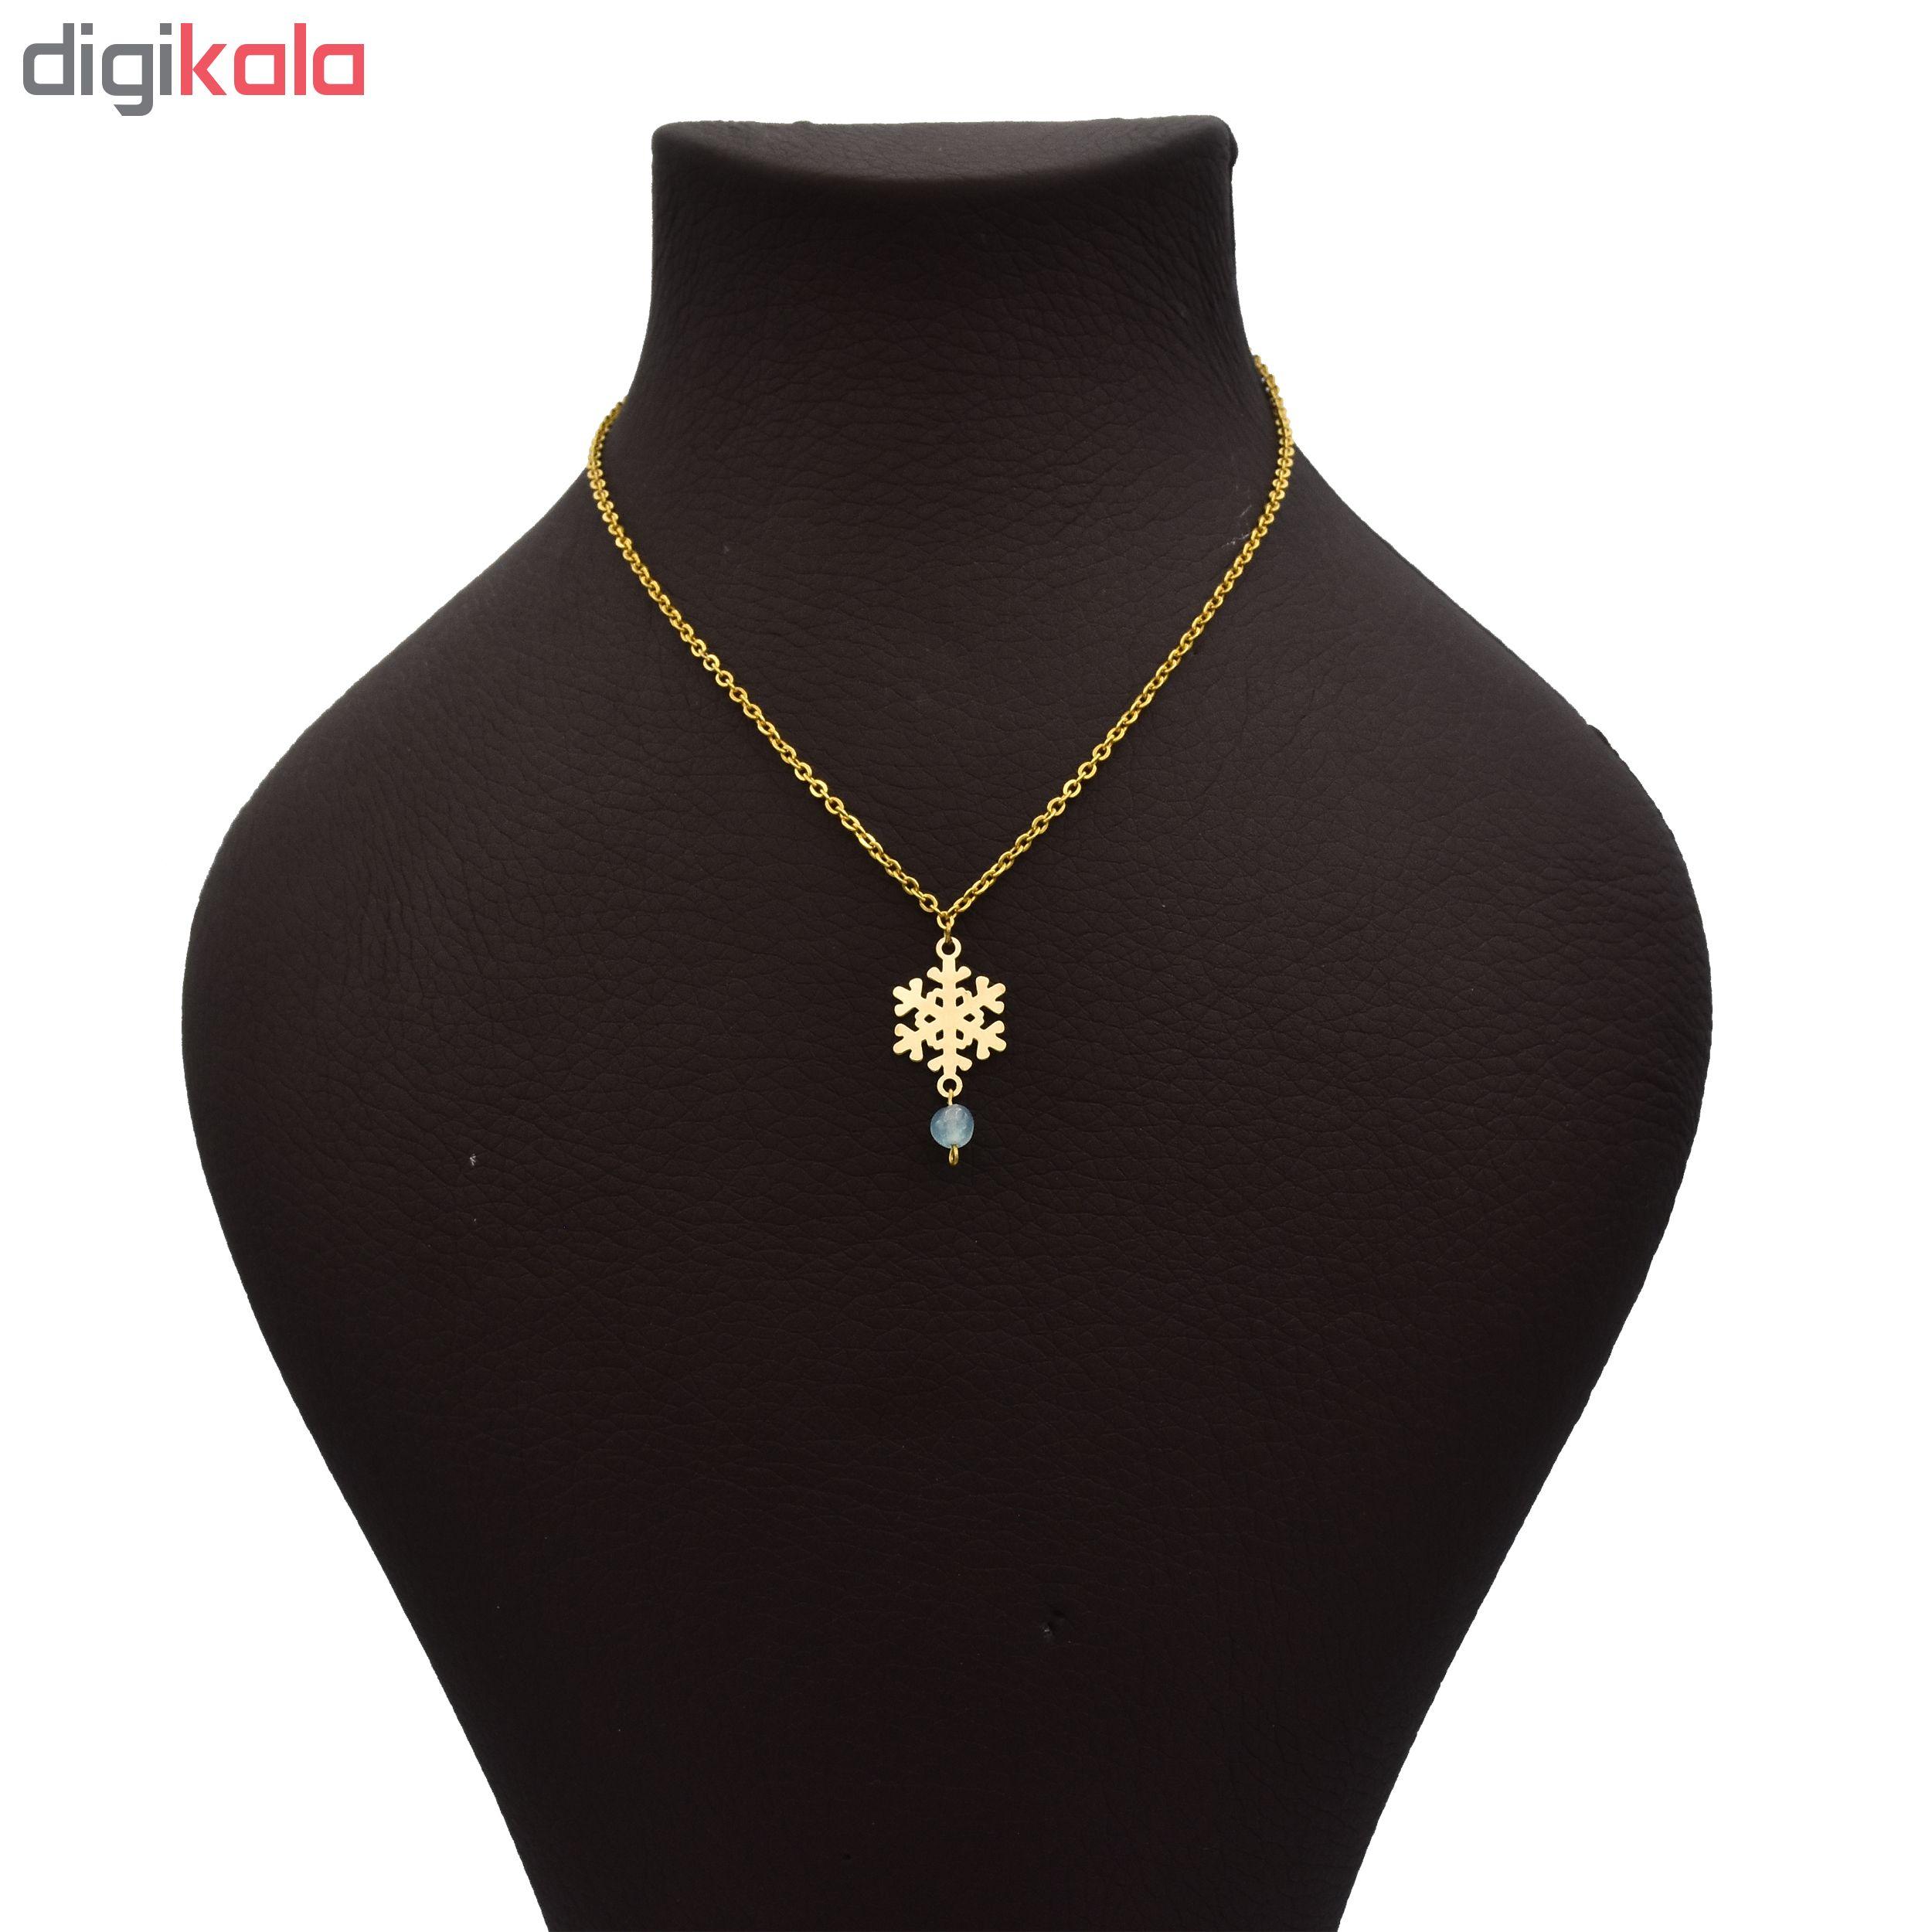 گردنبند طلا 18 عیار زنانه طرح برف کد 428M146